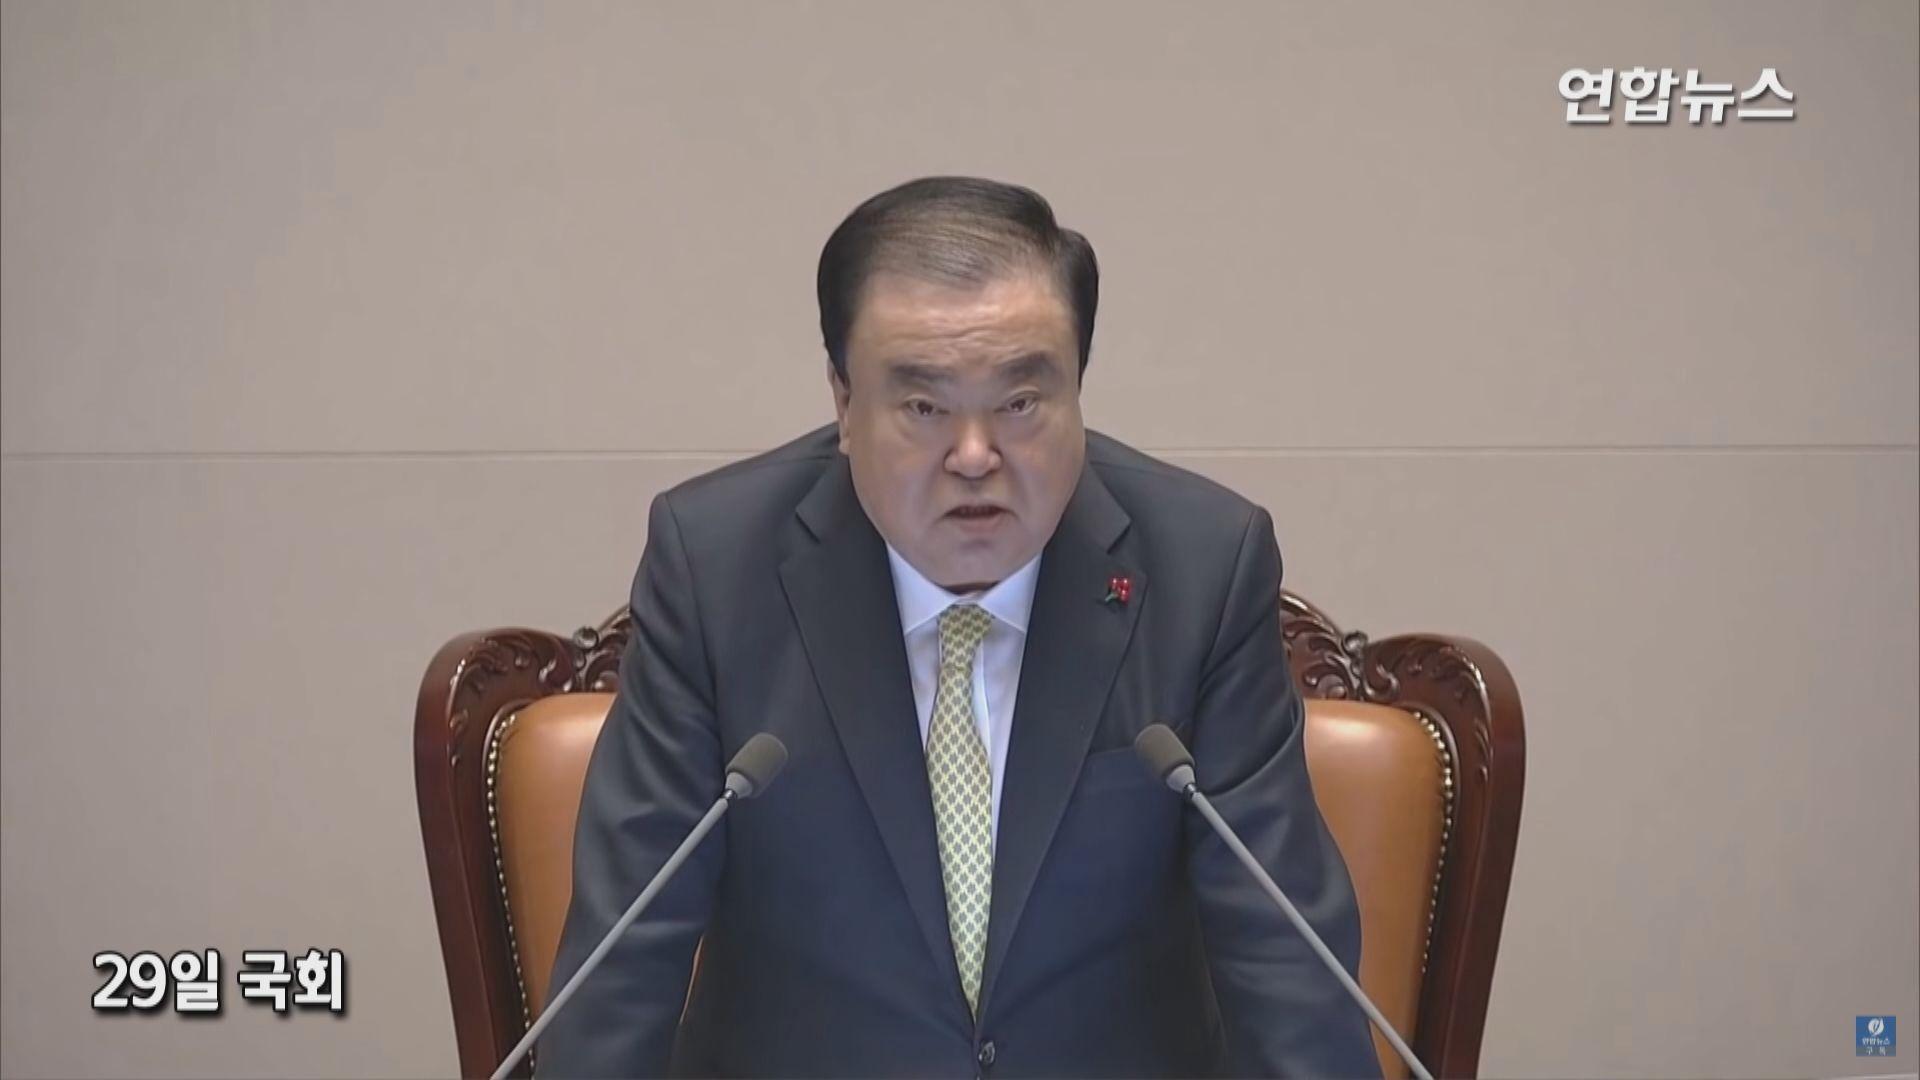 日本指南韓國會議長失言要求道歉